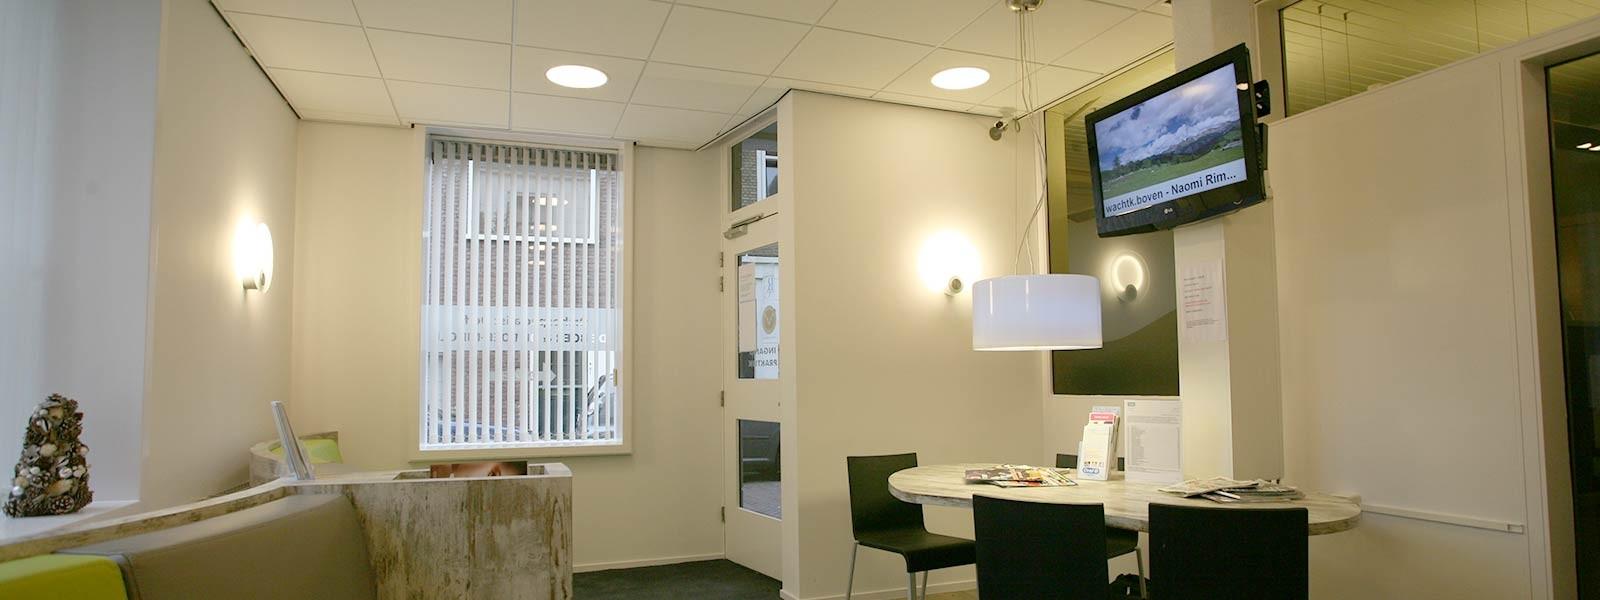 Orthodontistenpraktijk De Boer, Delft